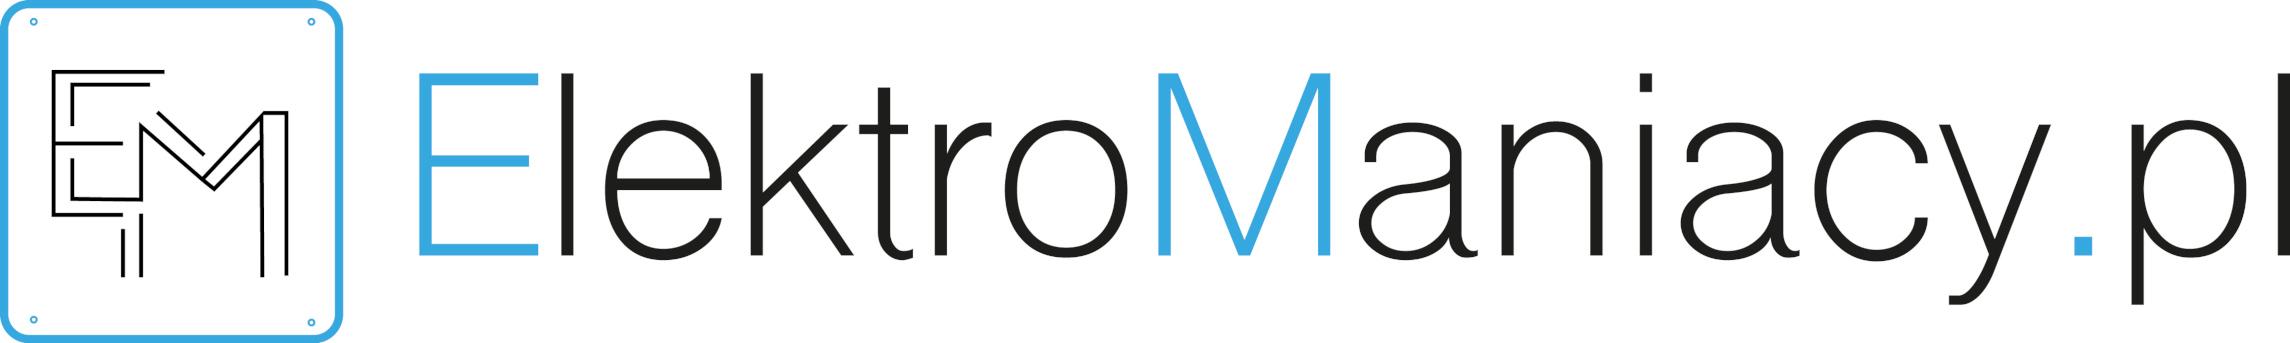 logo_sklep_elektromaniacy